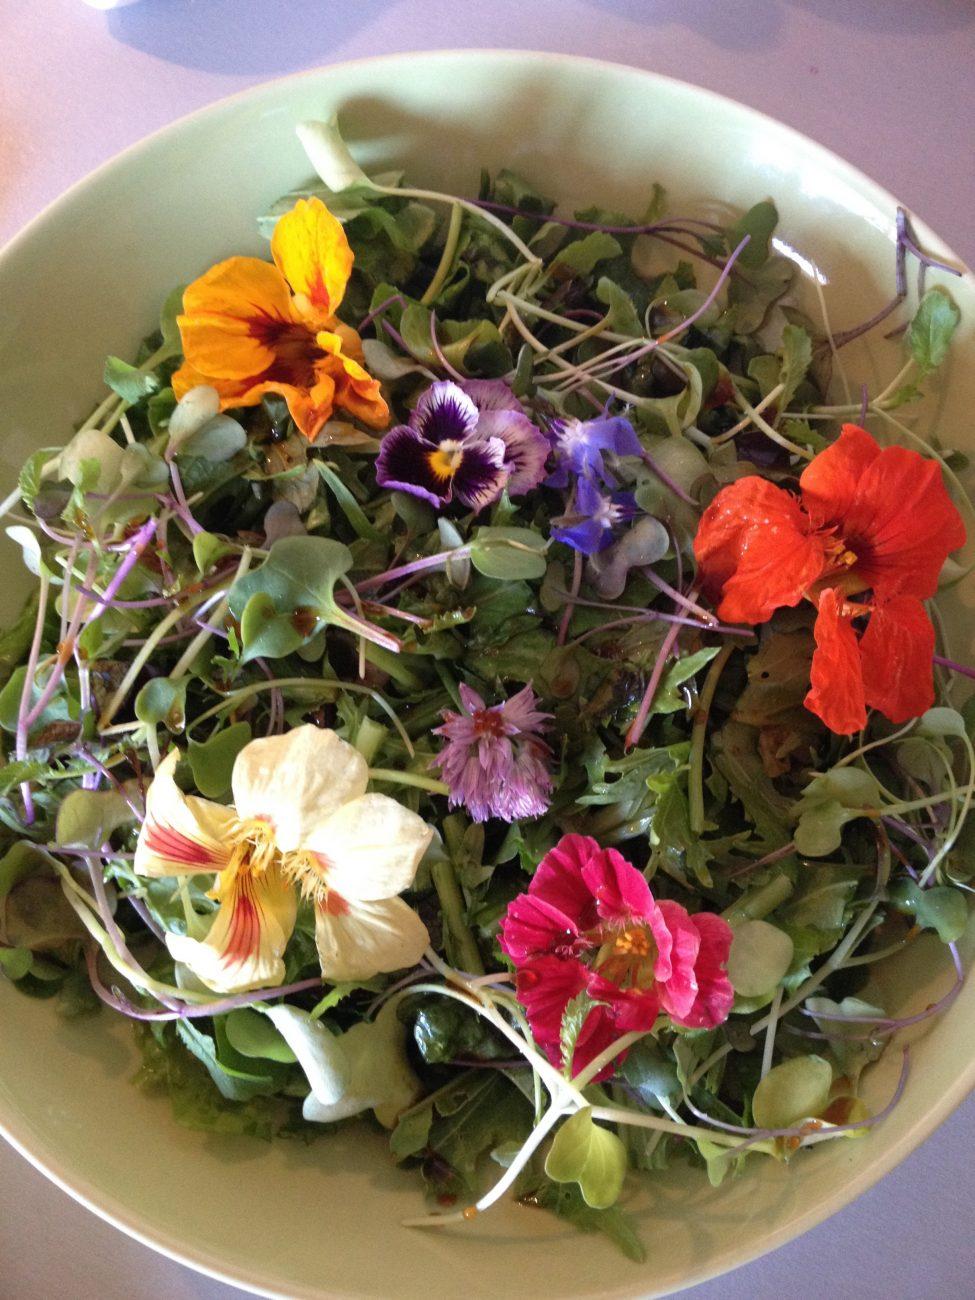 Πράσινη σαλάτα με λουλούδια και φύτρα